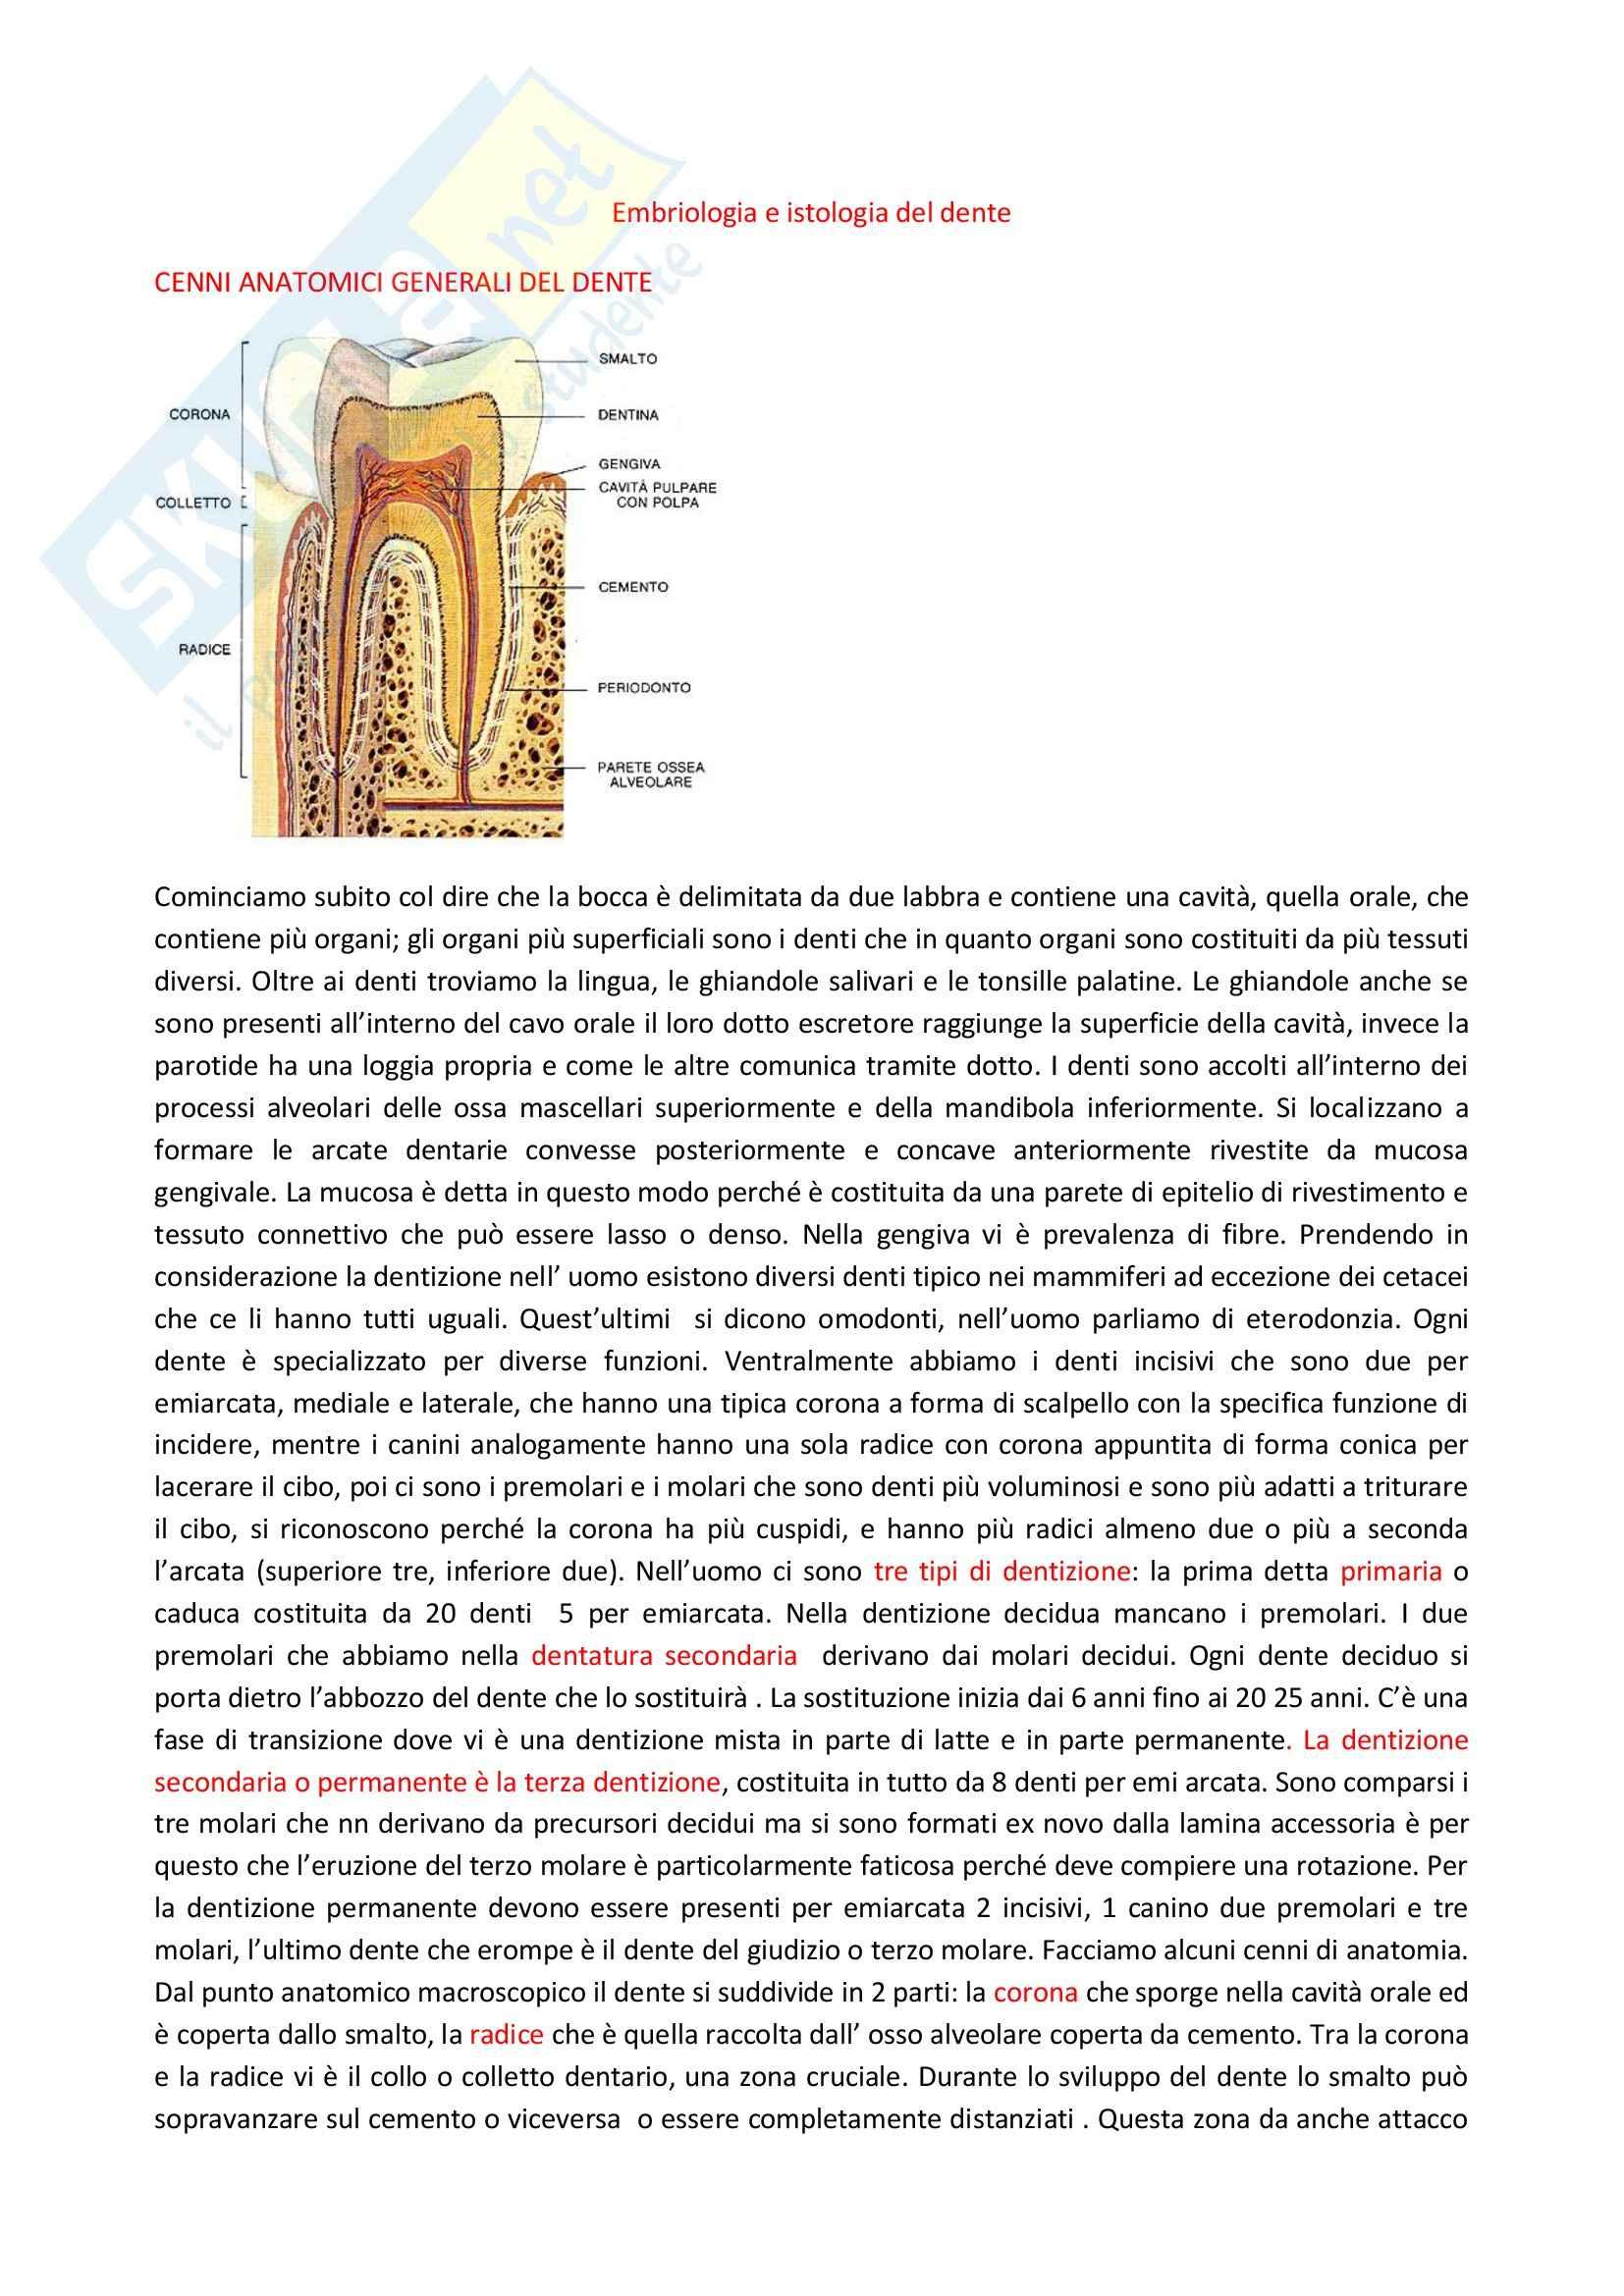 Citologia, embriologia e istologia - nascita, sviluppo e struttura del dente